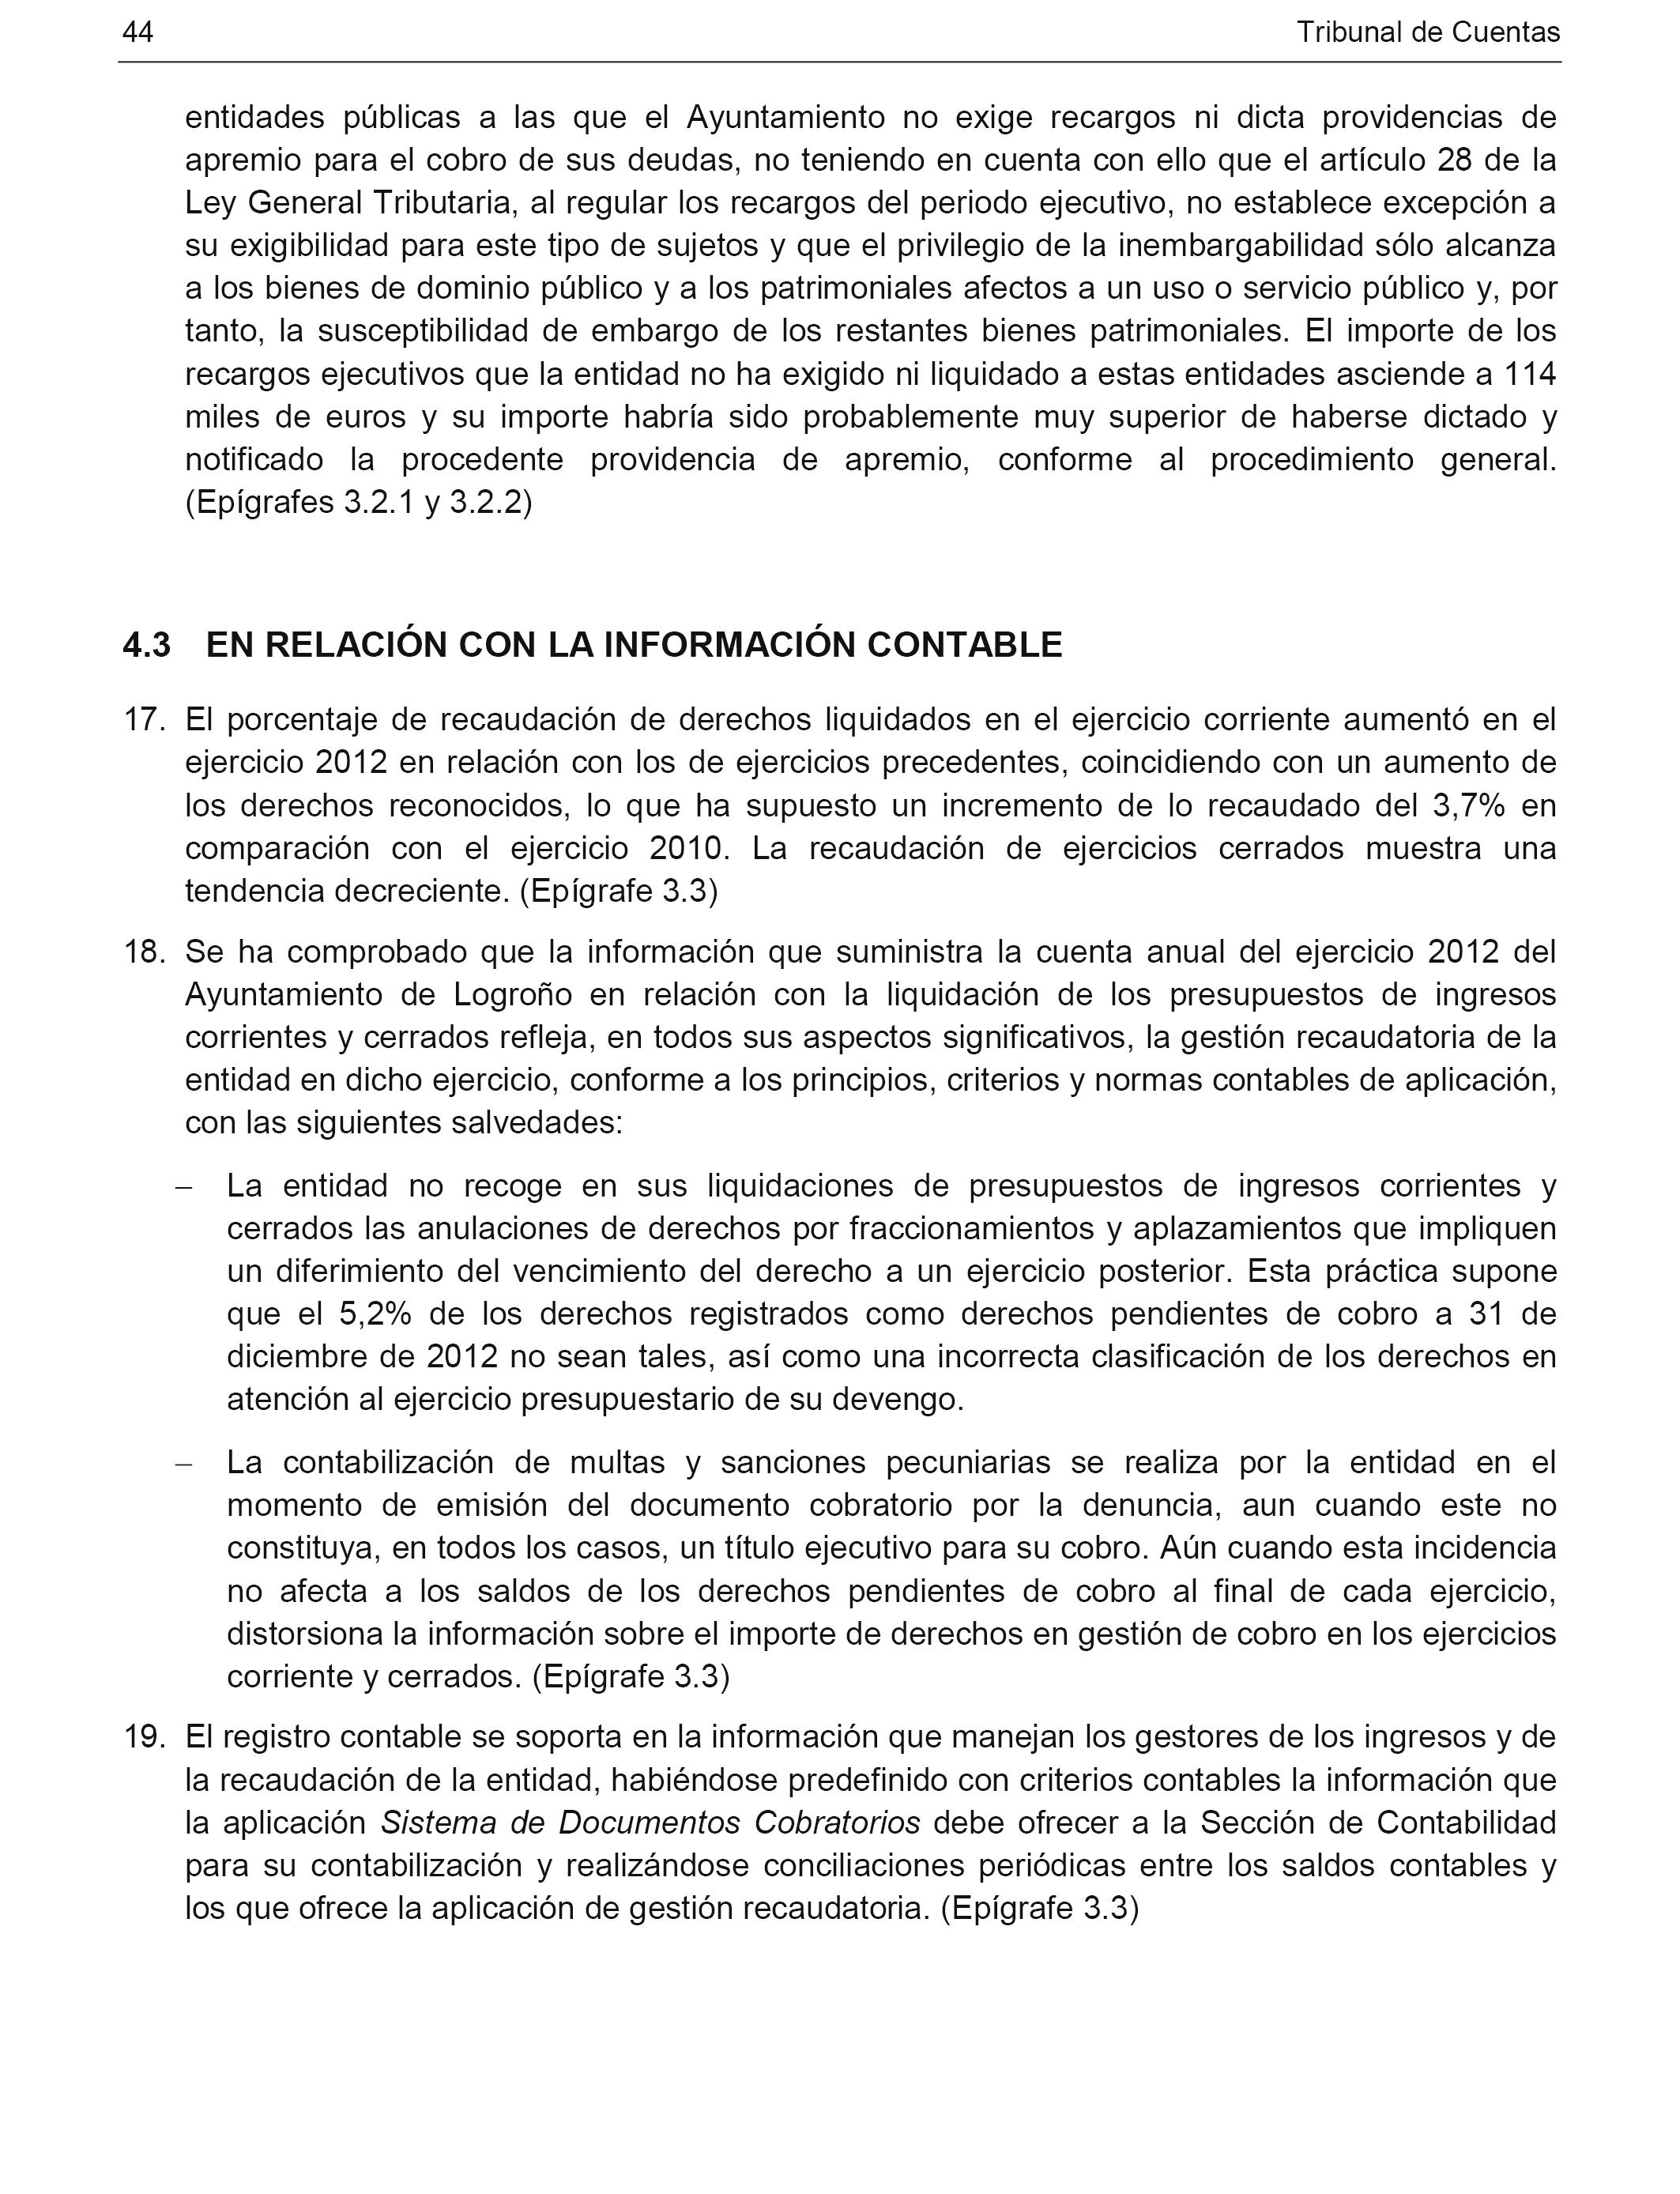 Hermosa Gestor De Contabilidad De Fondos Reanudar Muestra Patrón ...